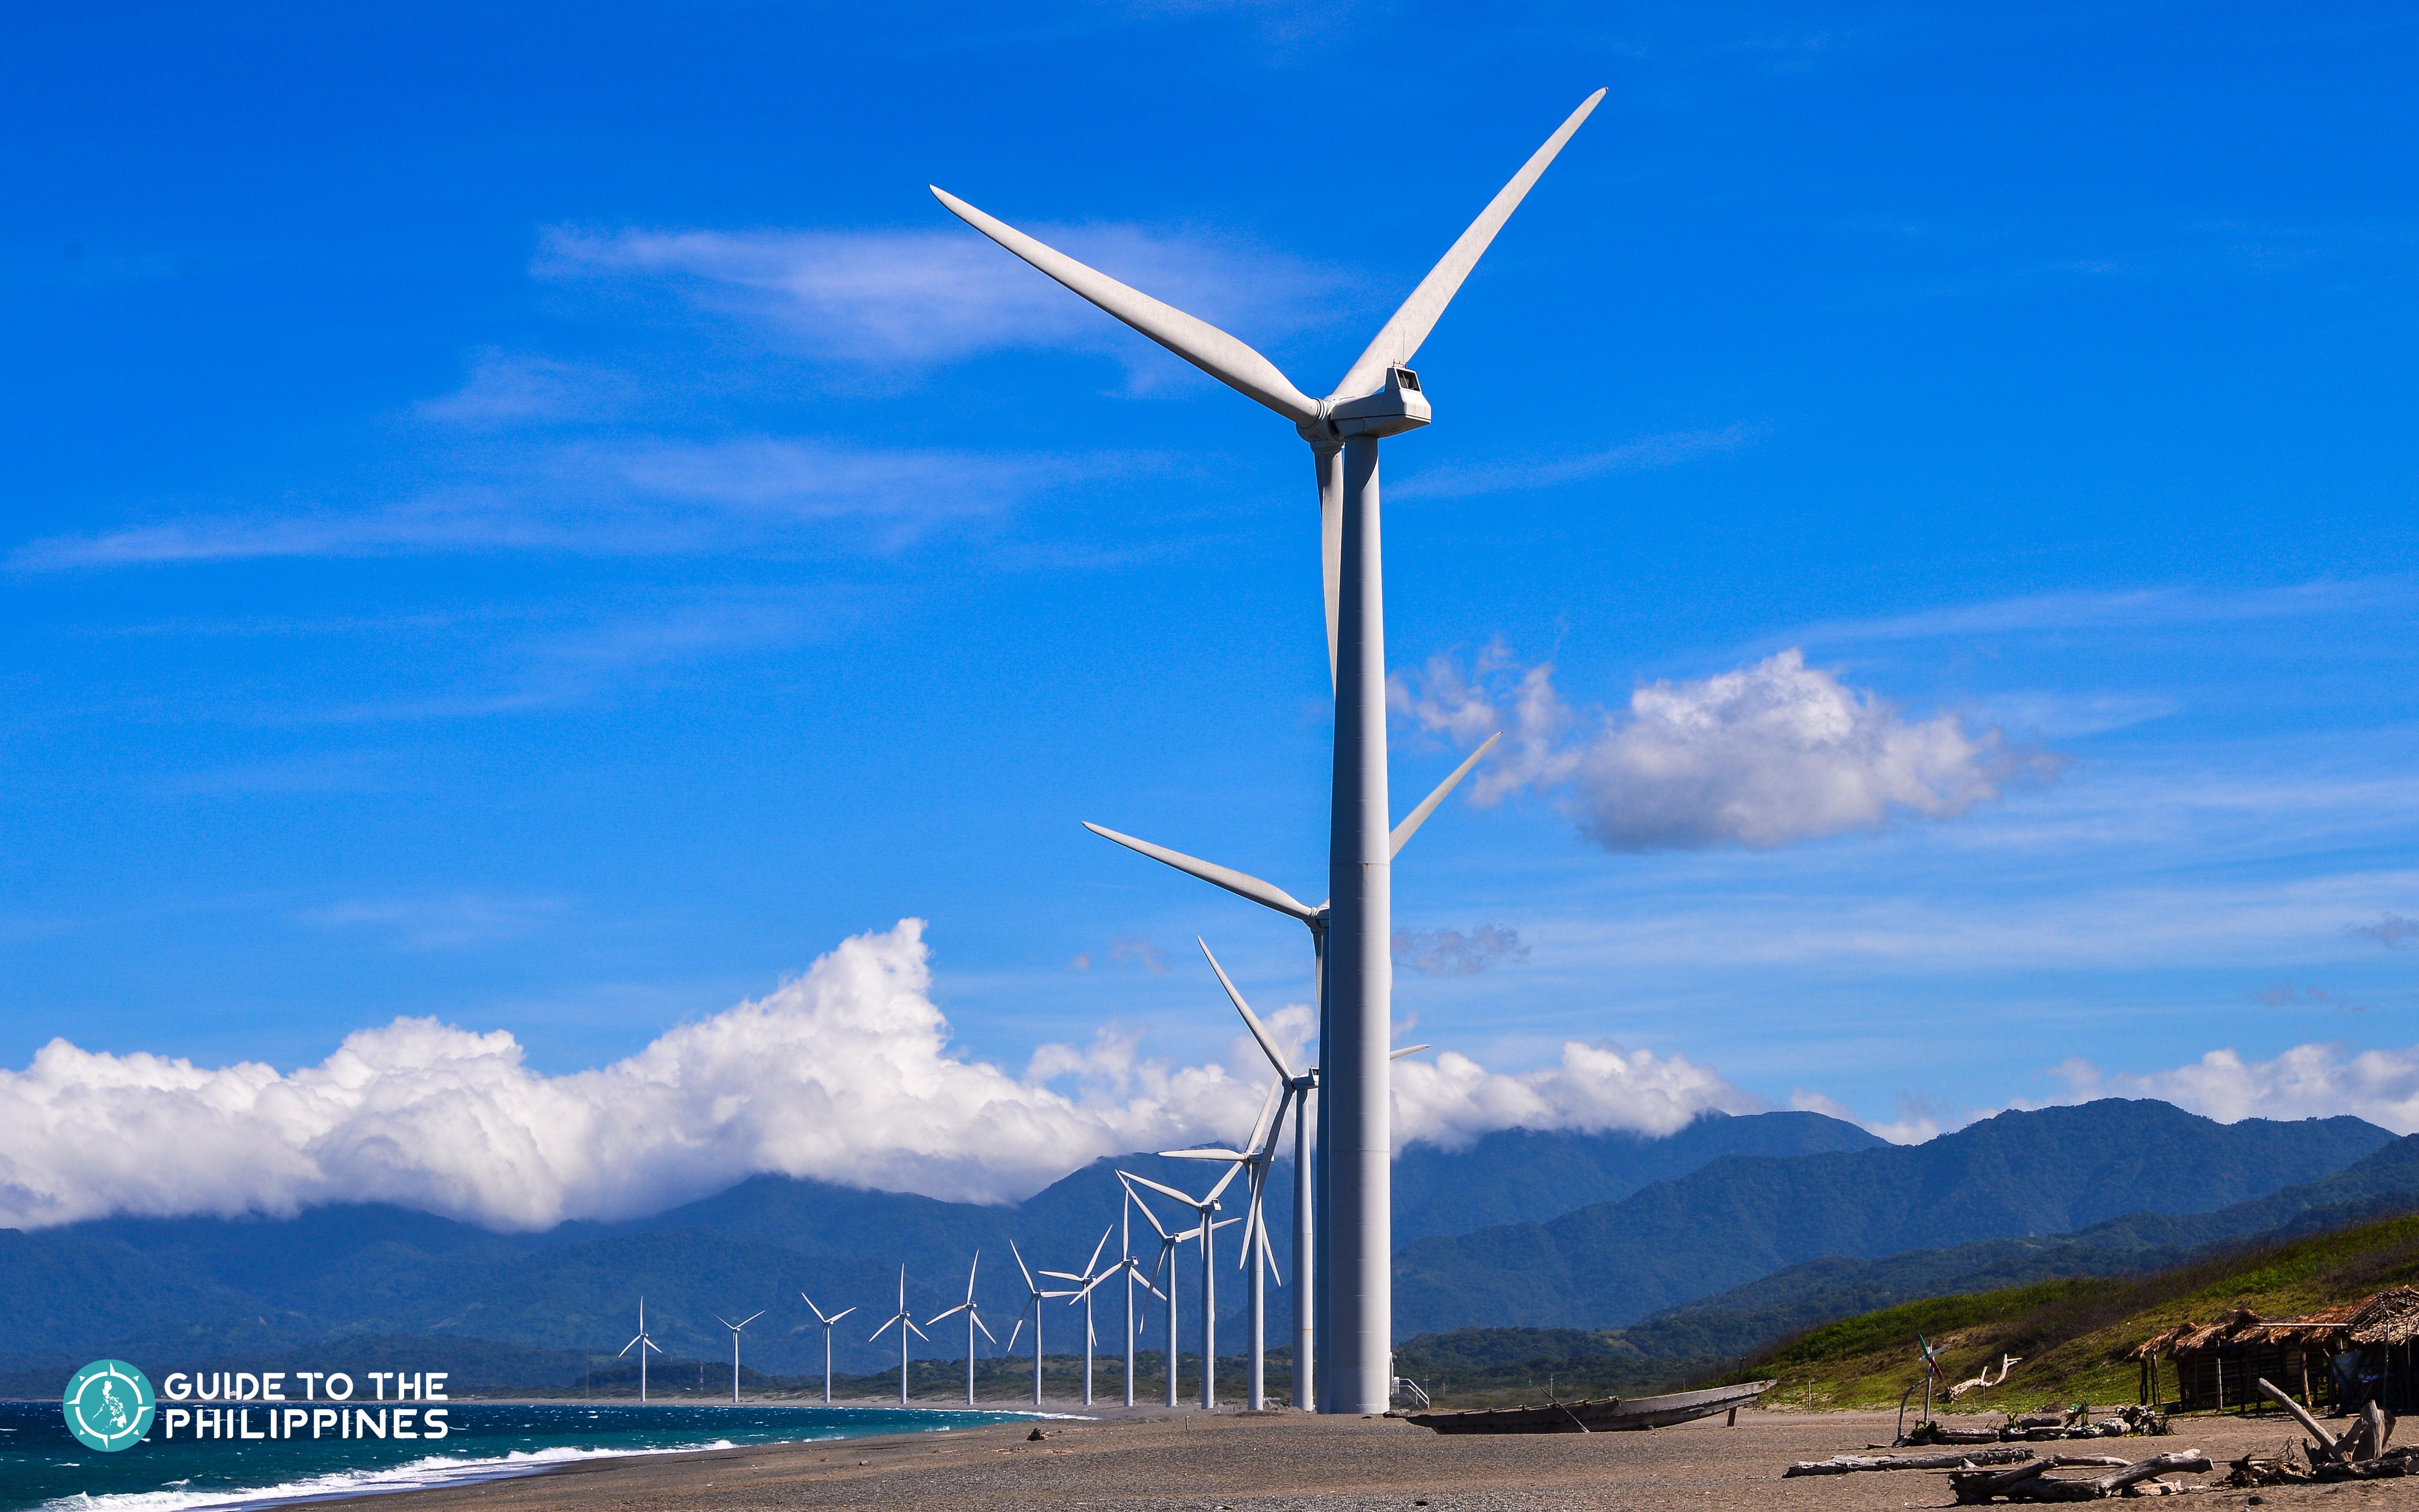 Popular Bangui Windmills in Ilocos